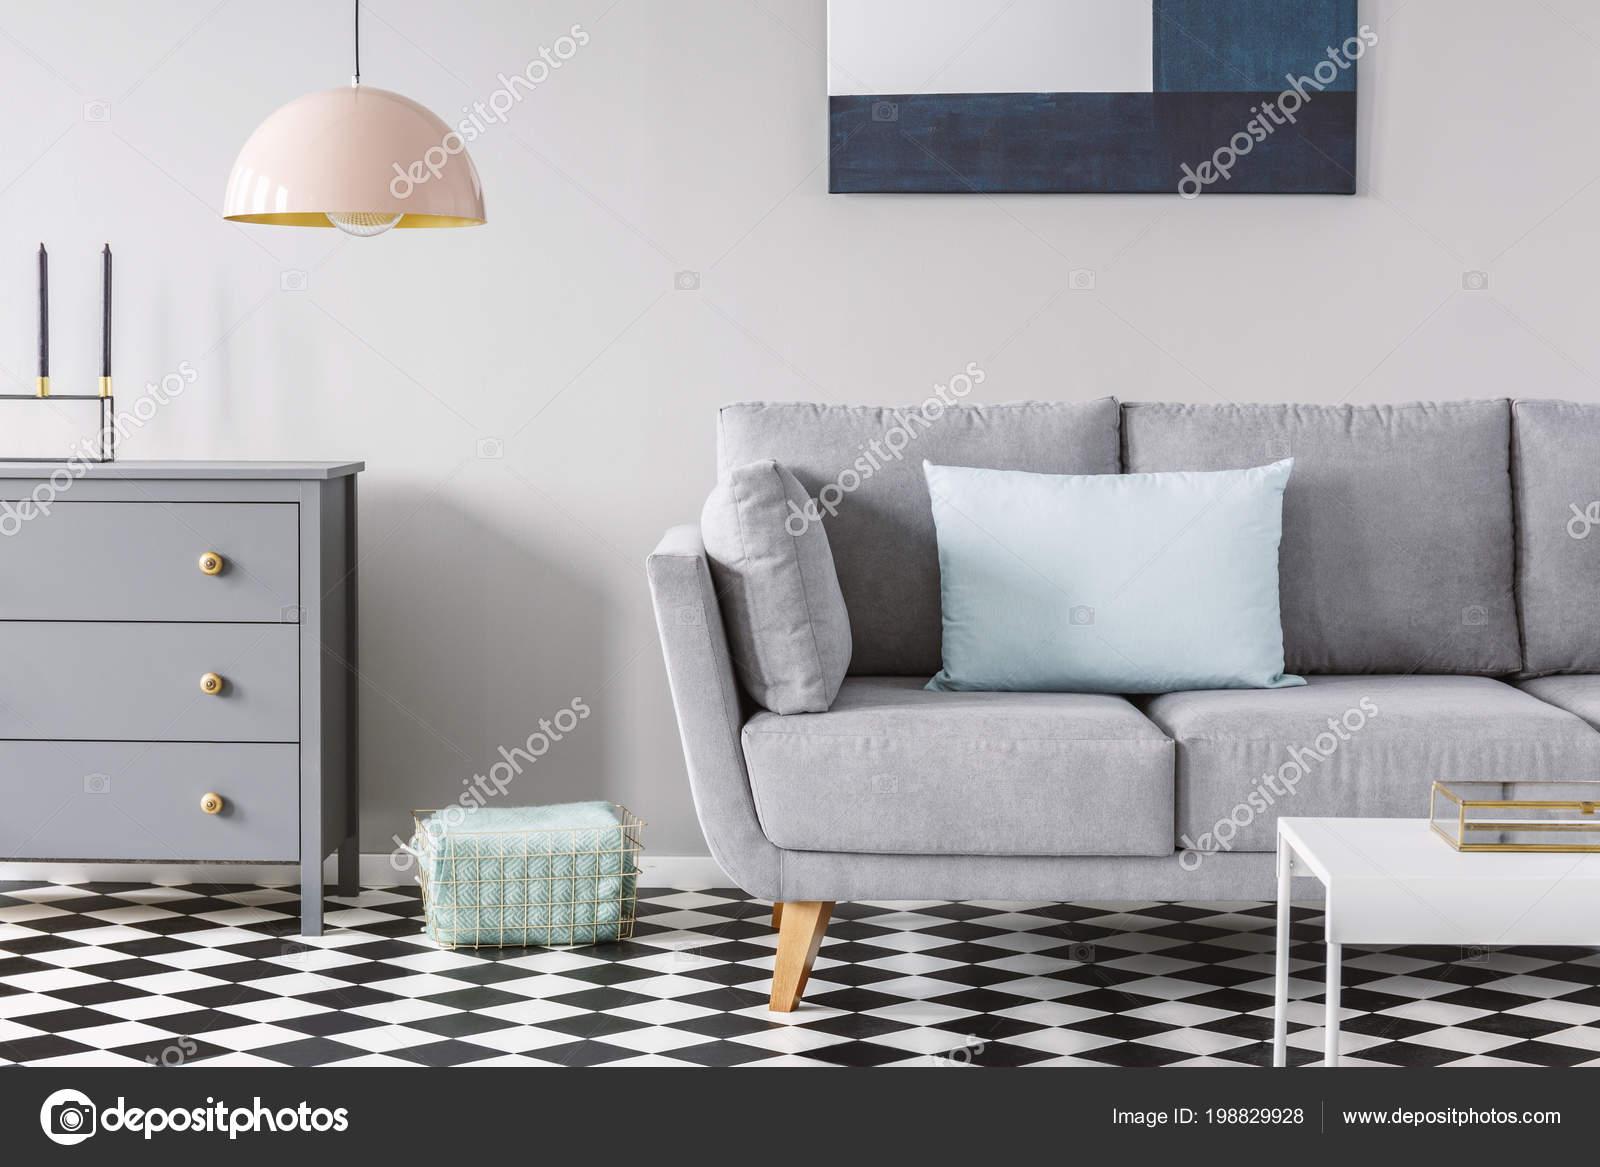 Schon Rosa Lampe Oben Grau Schrank Neben Sofa Im Karierten Stock In Pastell  Wohnzimmer Interieur. Echtes Foto U2014 Foto Von Photographee.eu